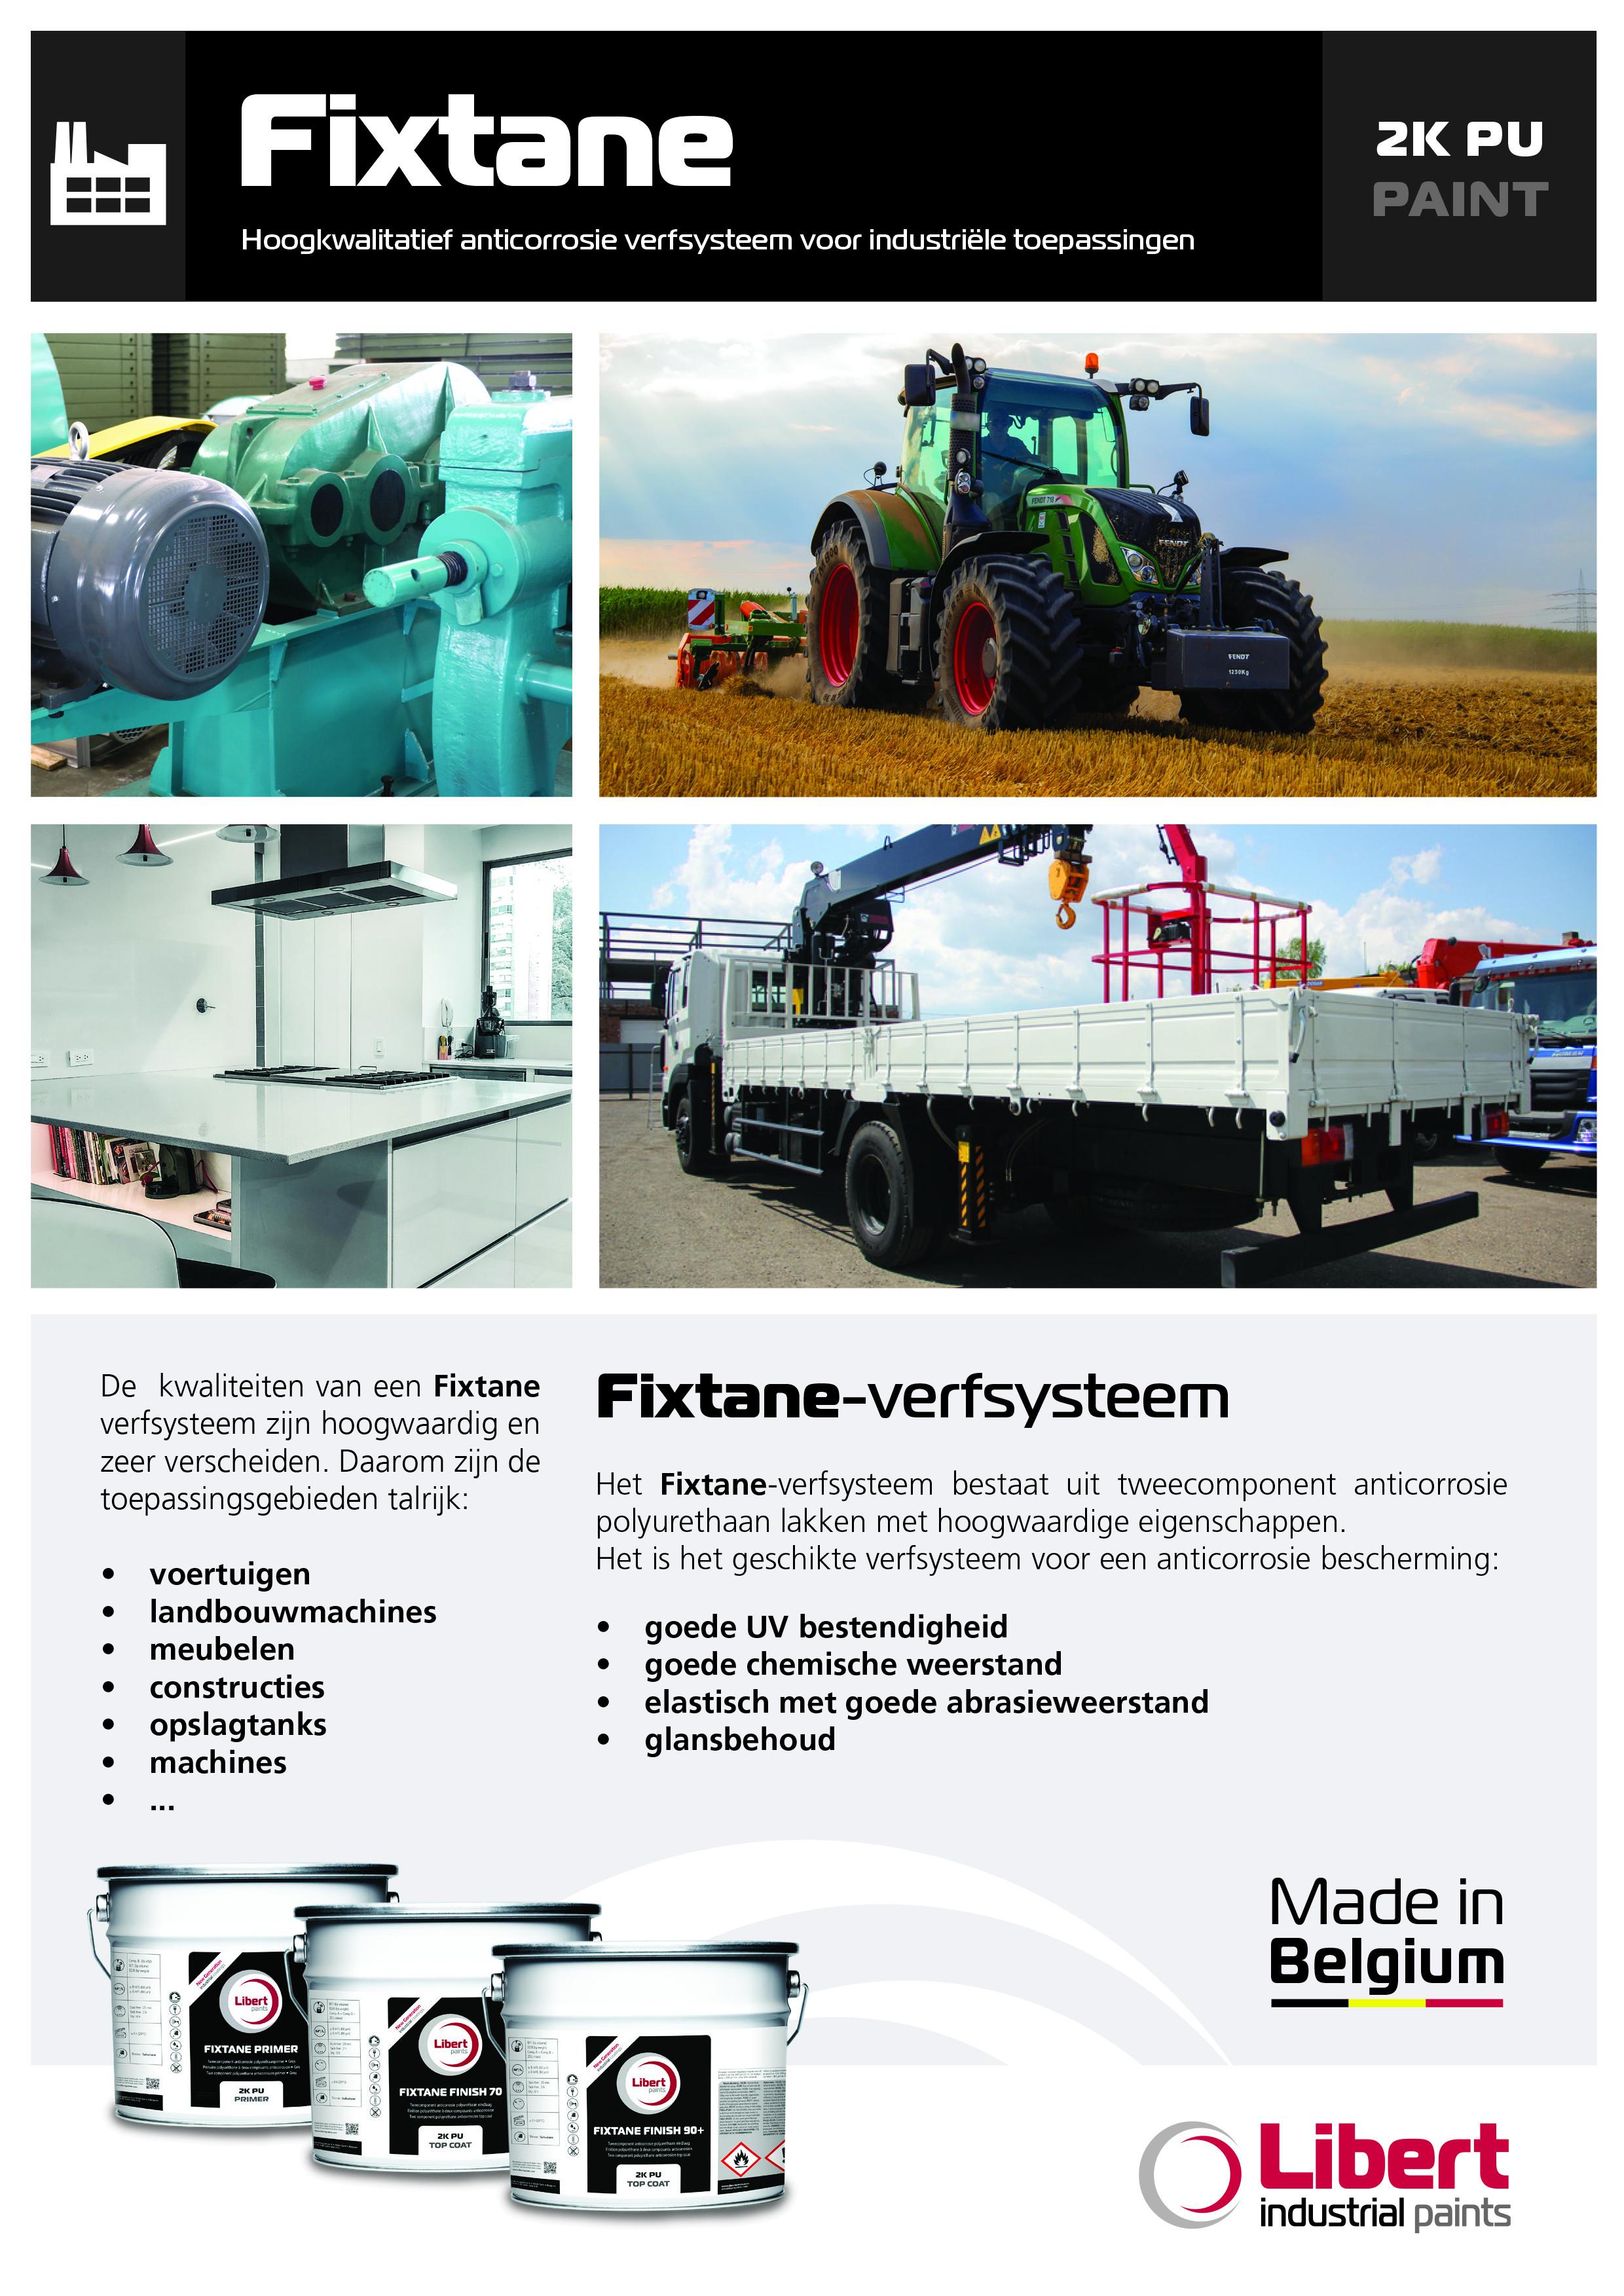 NL_Fixtane.jpg